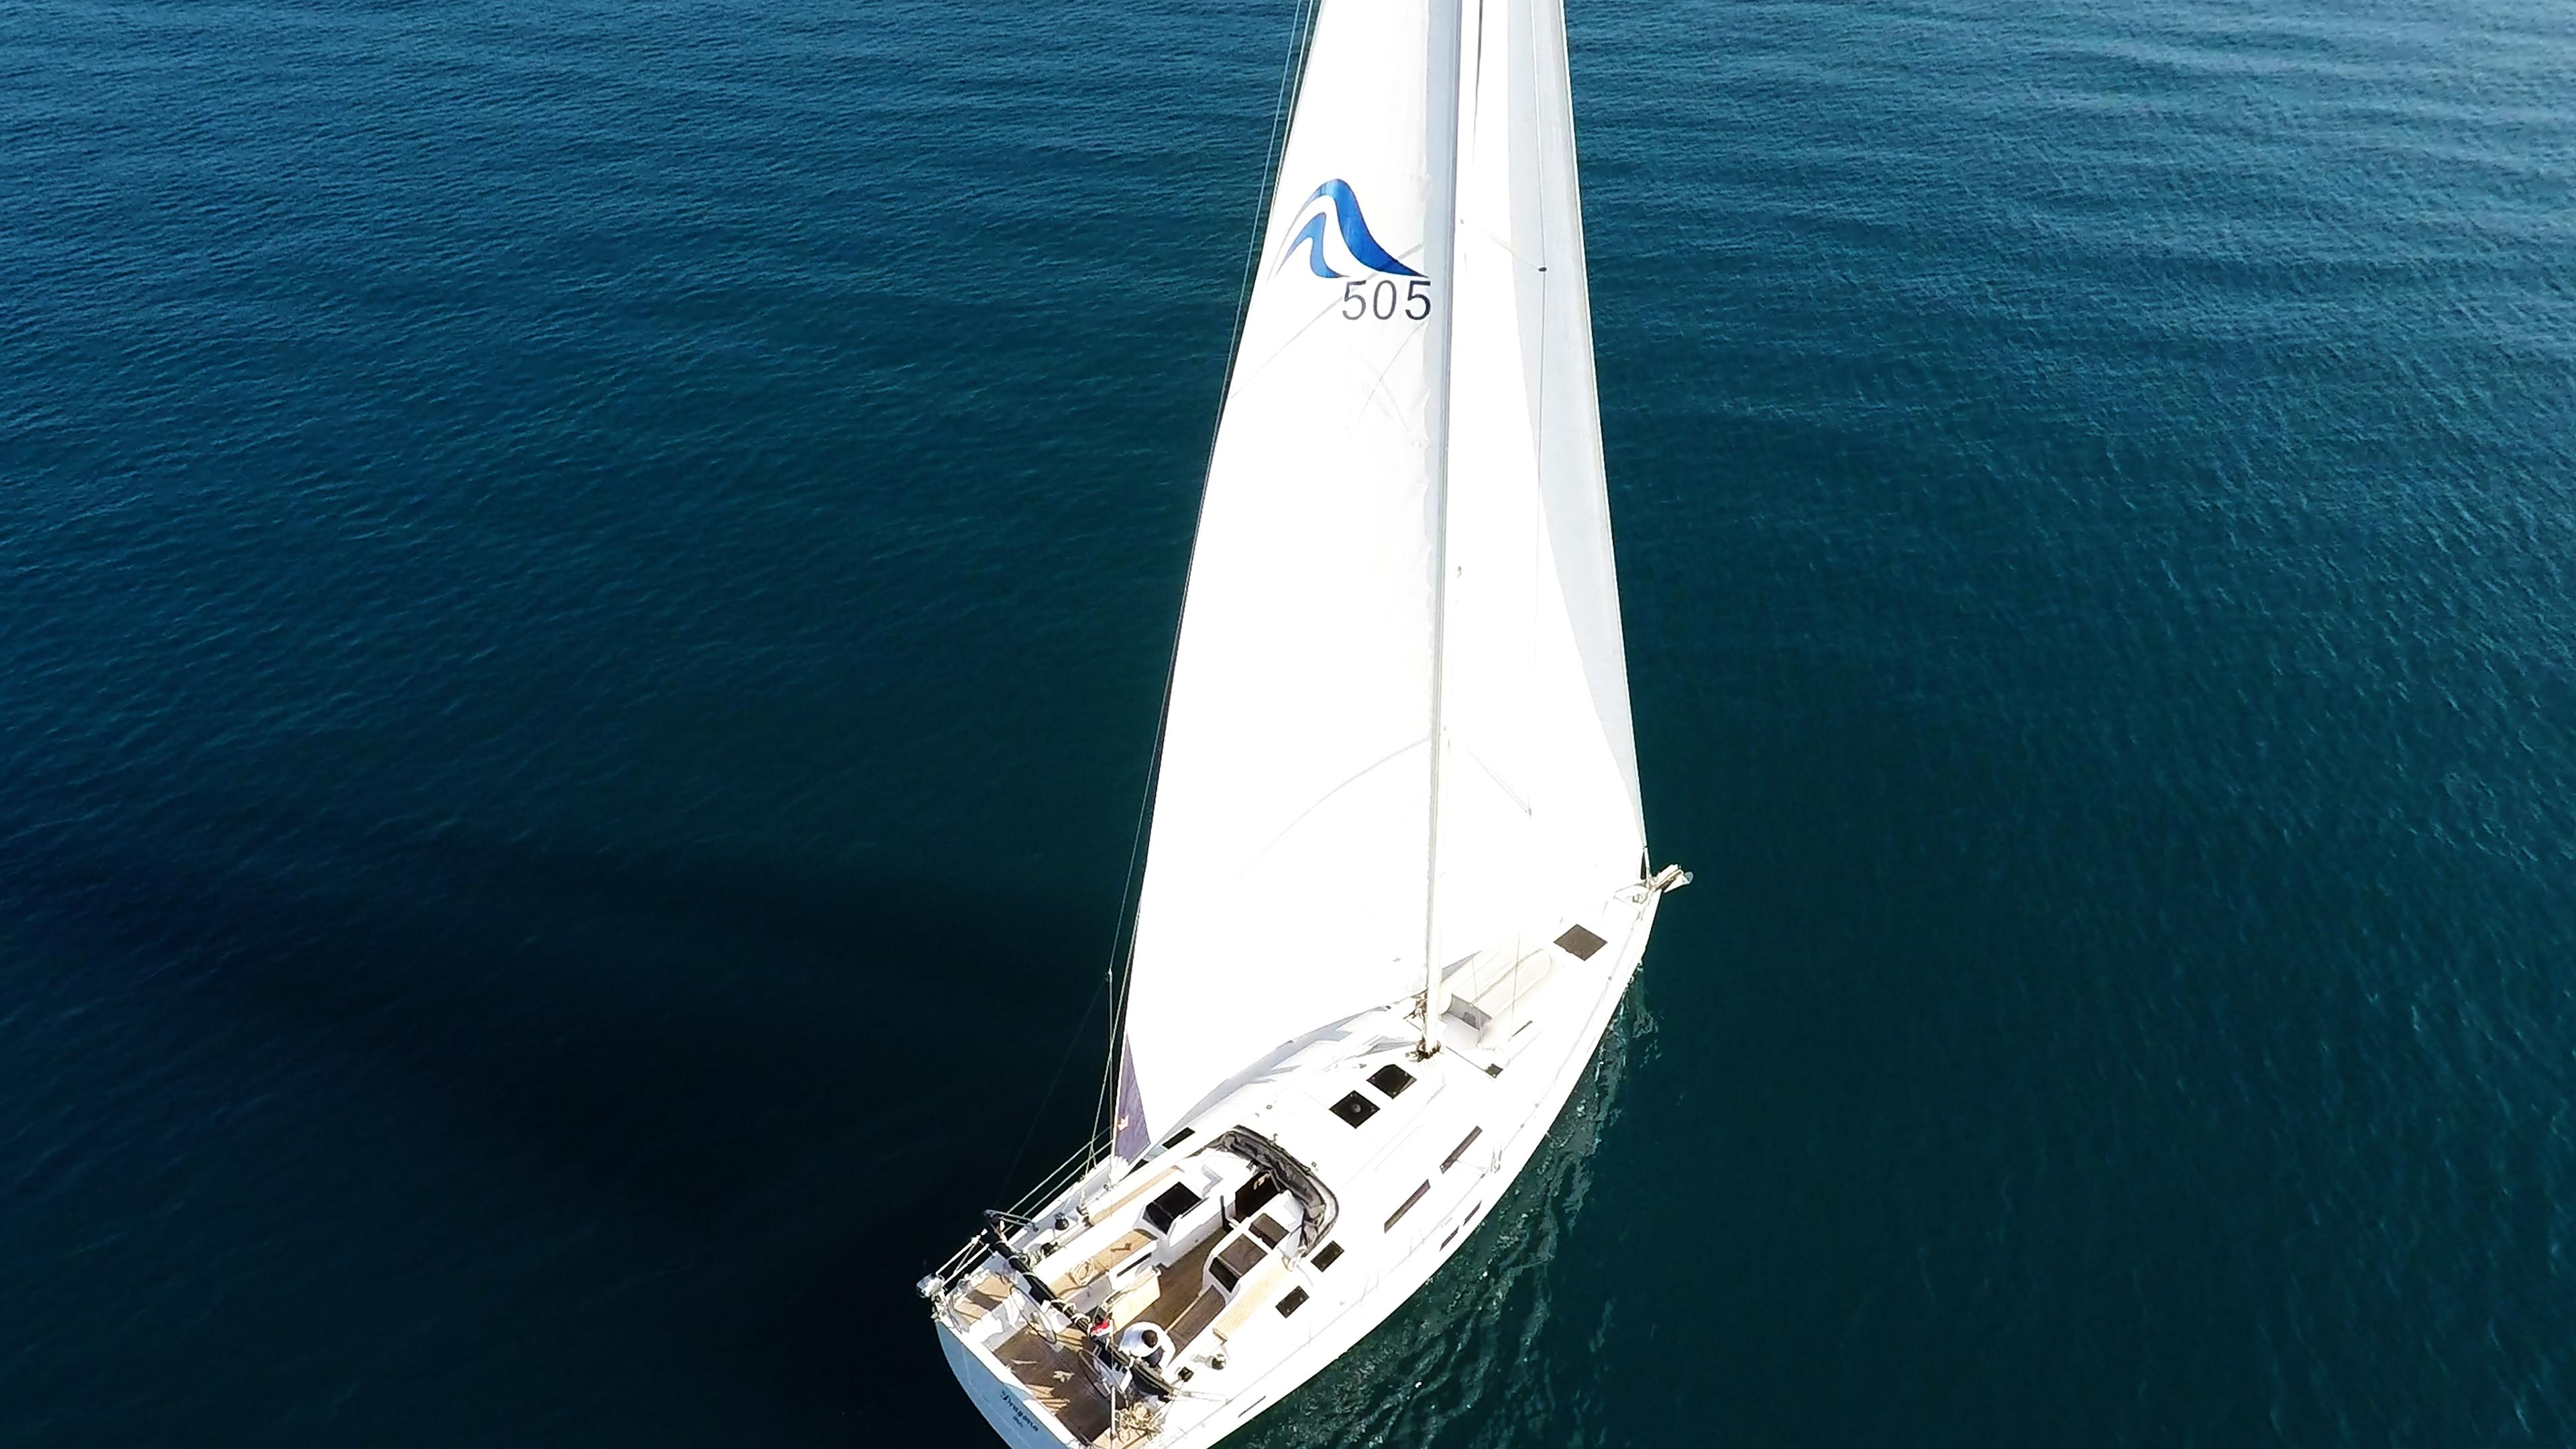 barcha a vela Hanse 505 yacht a vela 8